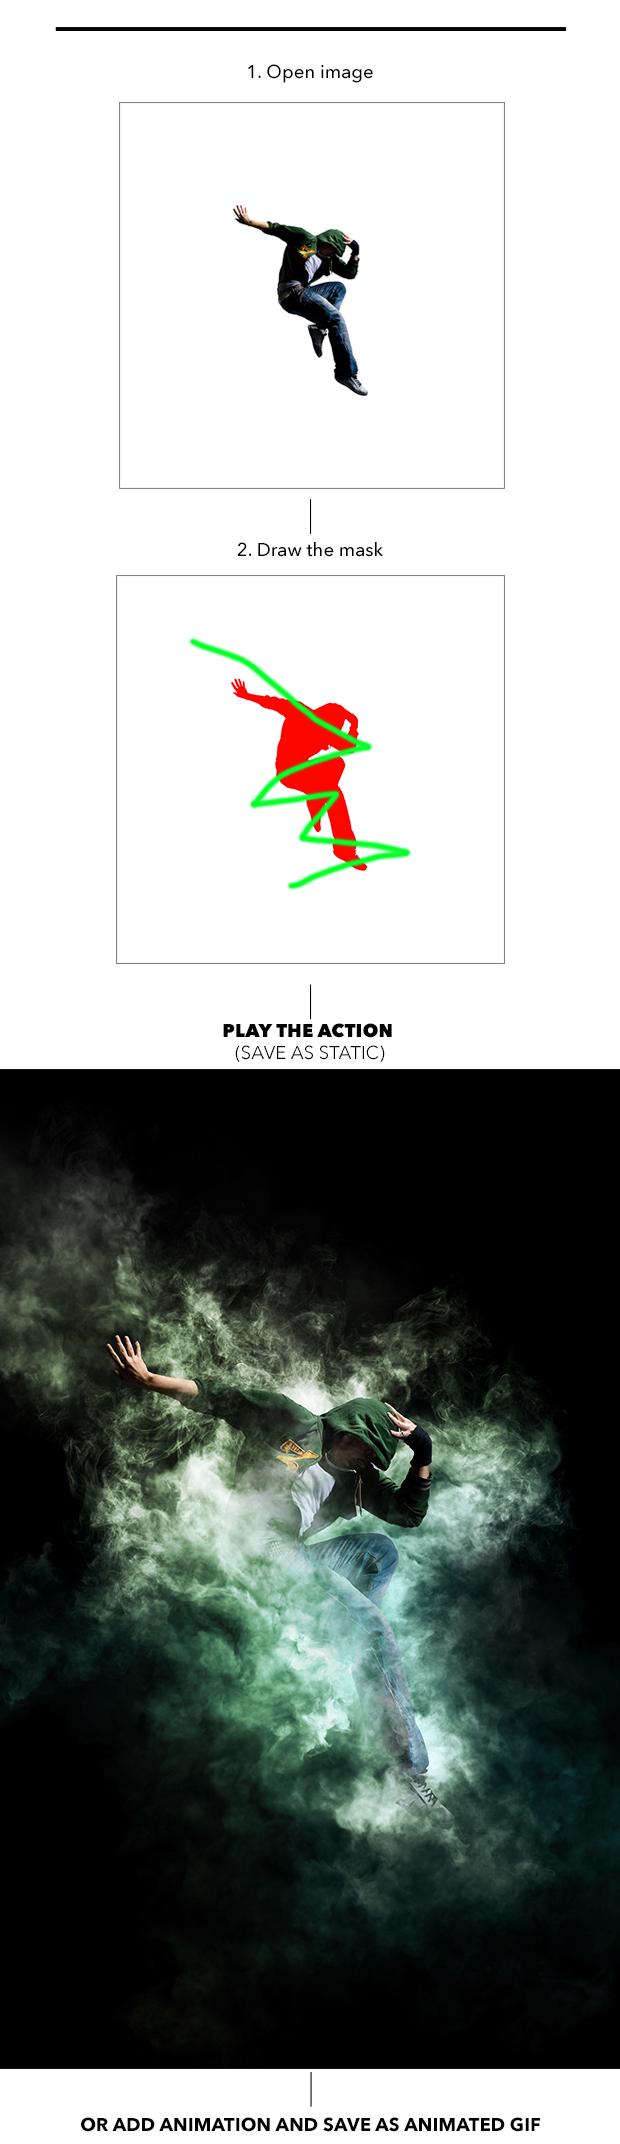 Gif Animated Smoke Photoshop Action - 1